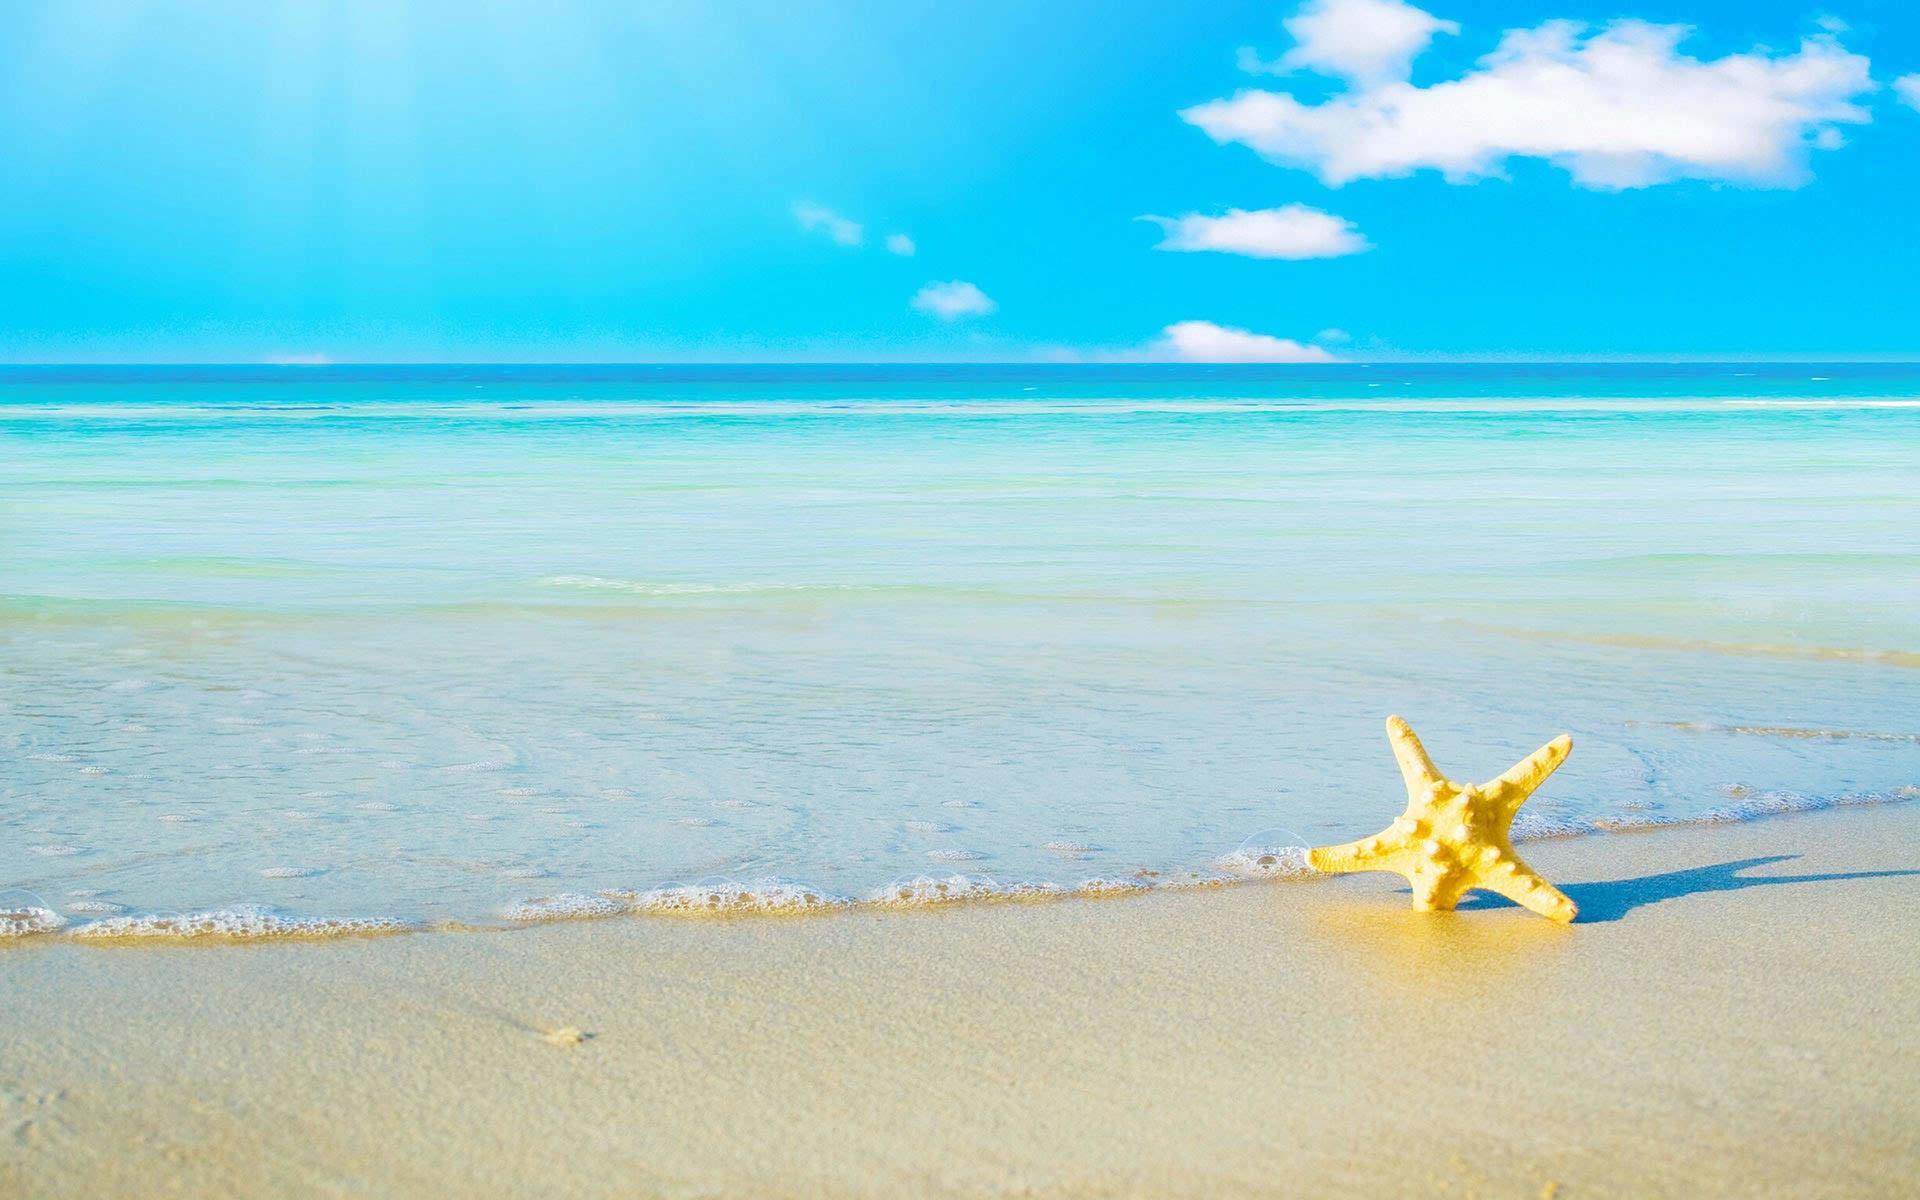 Ipad Wallpaper Beach Scenes: Summer Scene Wallpaper (44+ Pictures